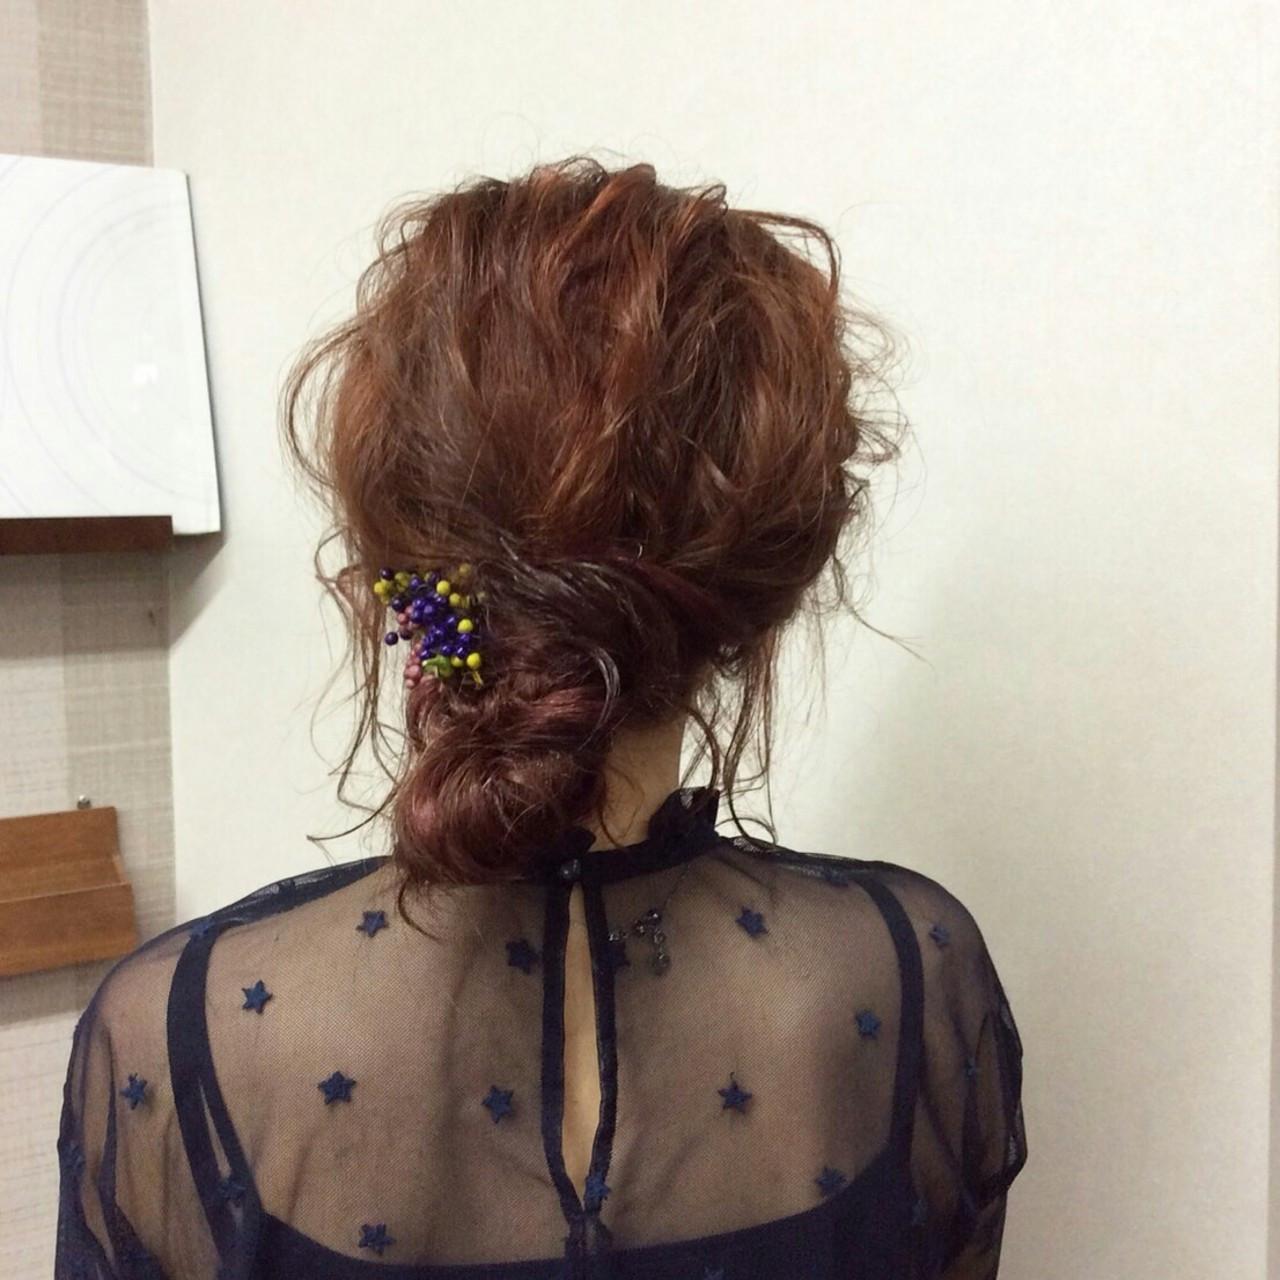 ヘアアレンジ フェミニン 編み込み セミロング ヘアスタイルや髪型の写真・画像